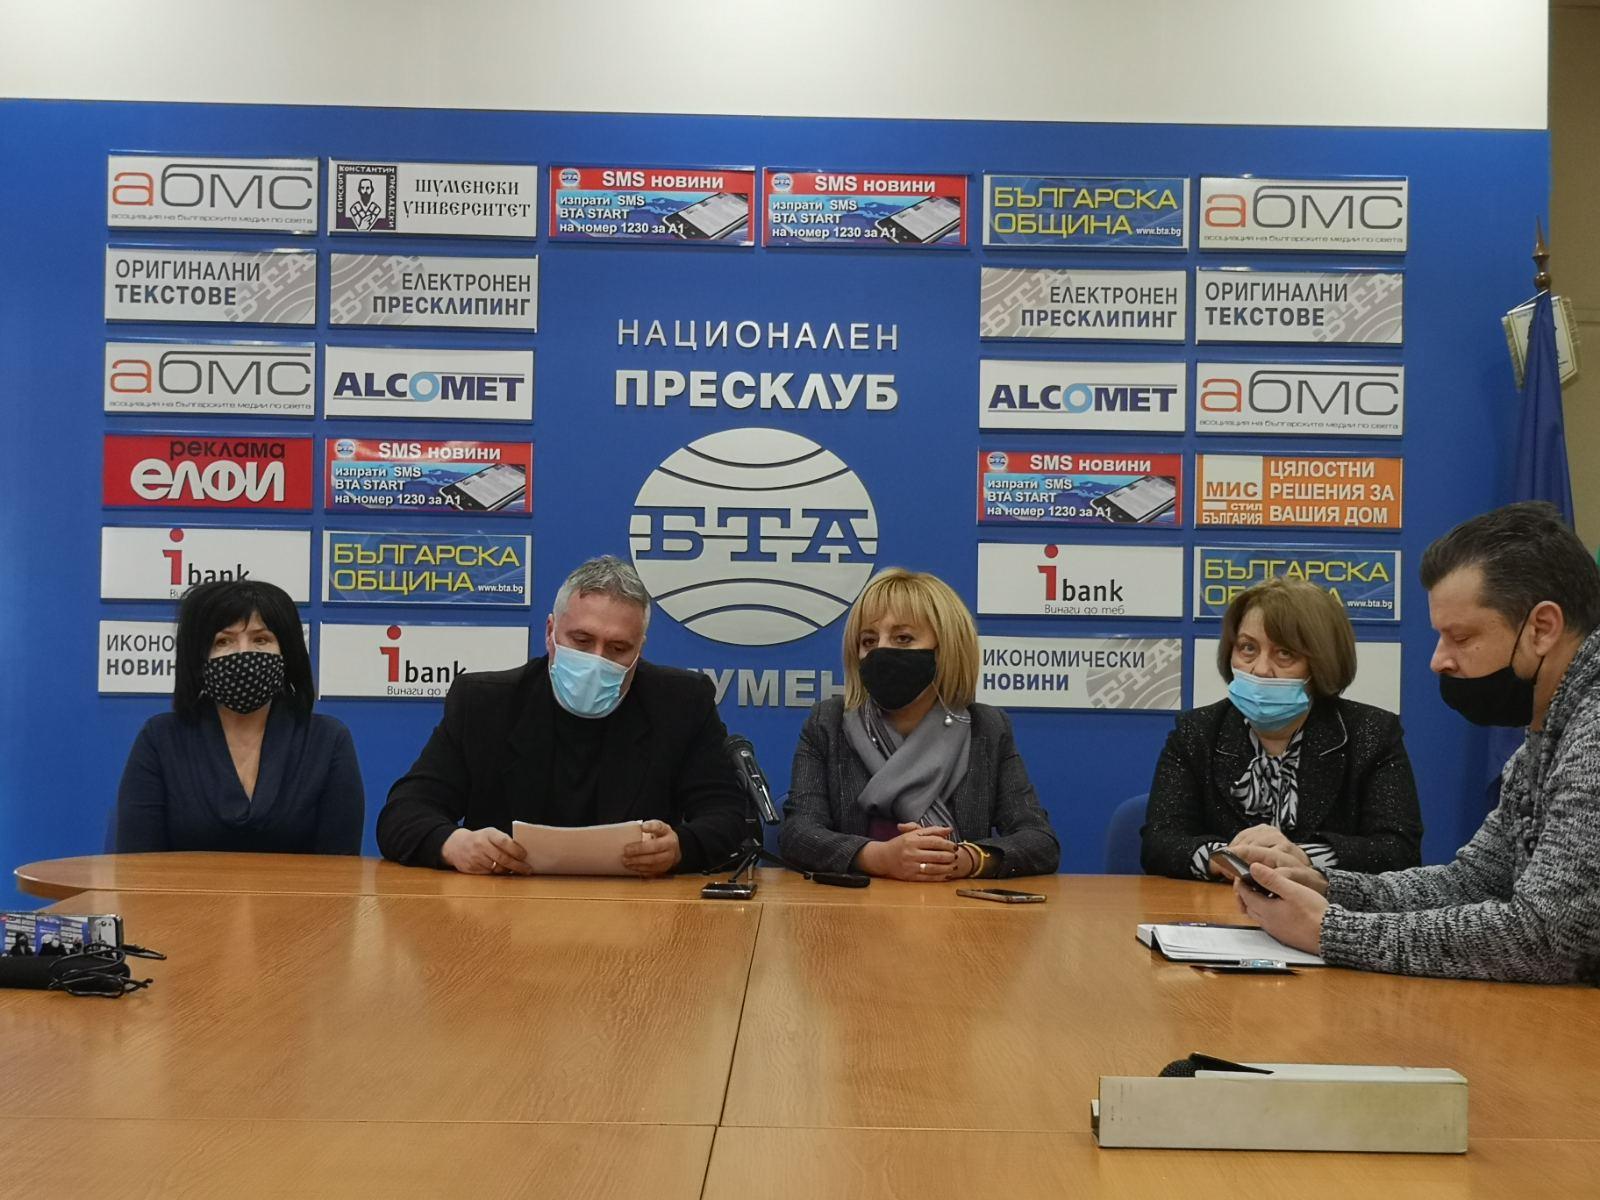 Манолова: От обещаните от властта 50 млн. лв. до работниците от затворените фирми стигнаха едва между 500 хил. лв. и 1 млн. лв.